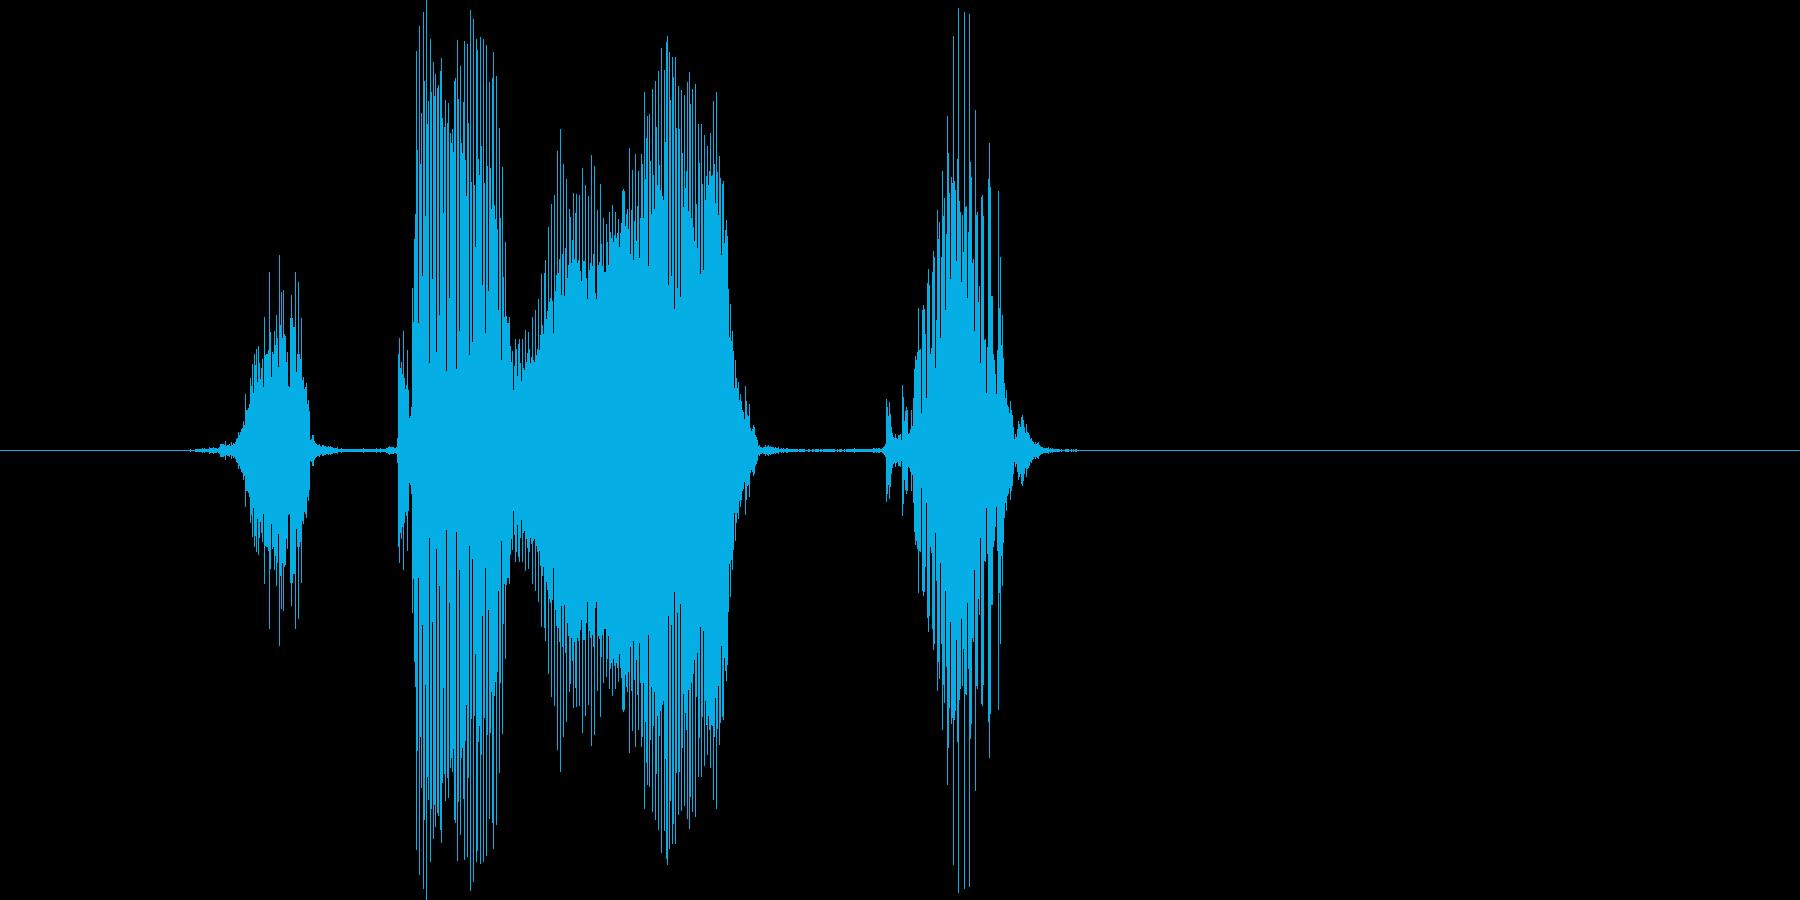 「ストライク」の再生済みの波形